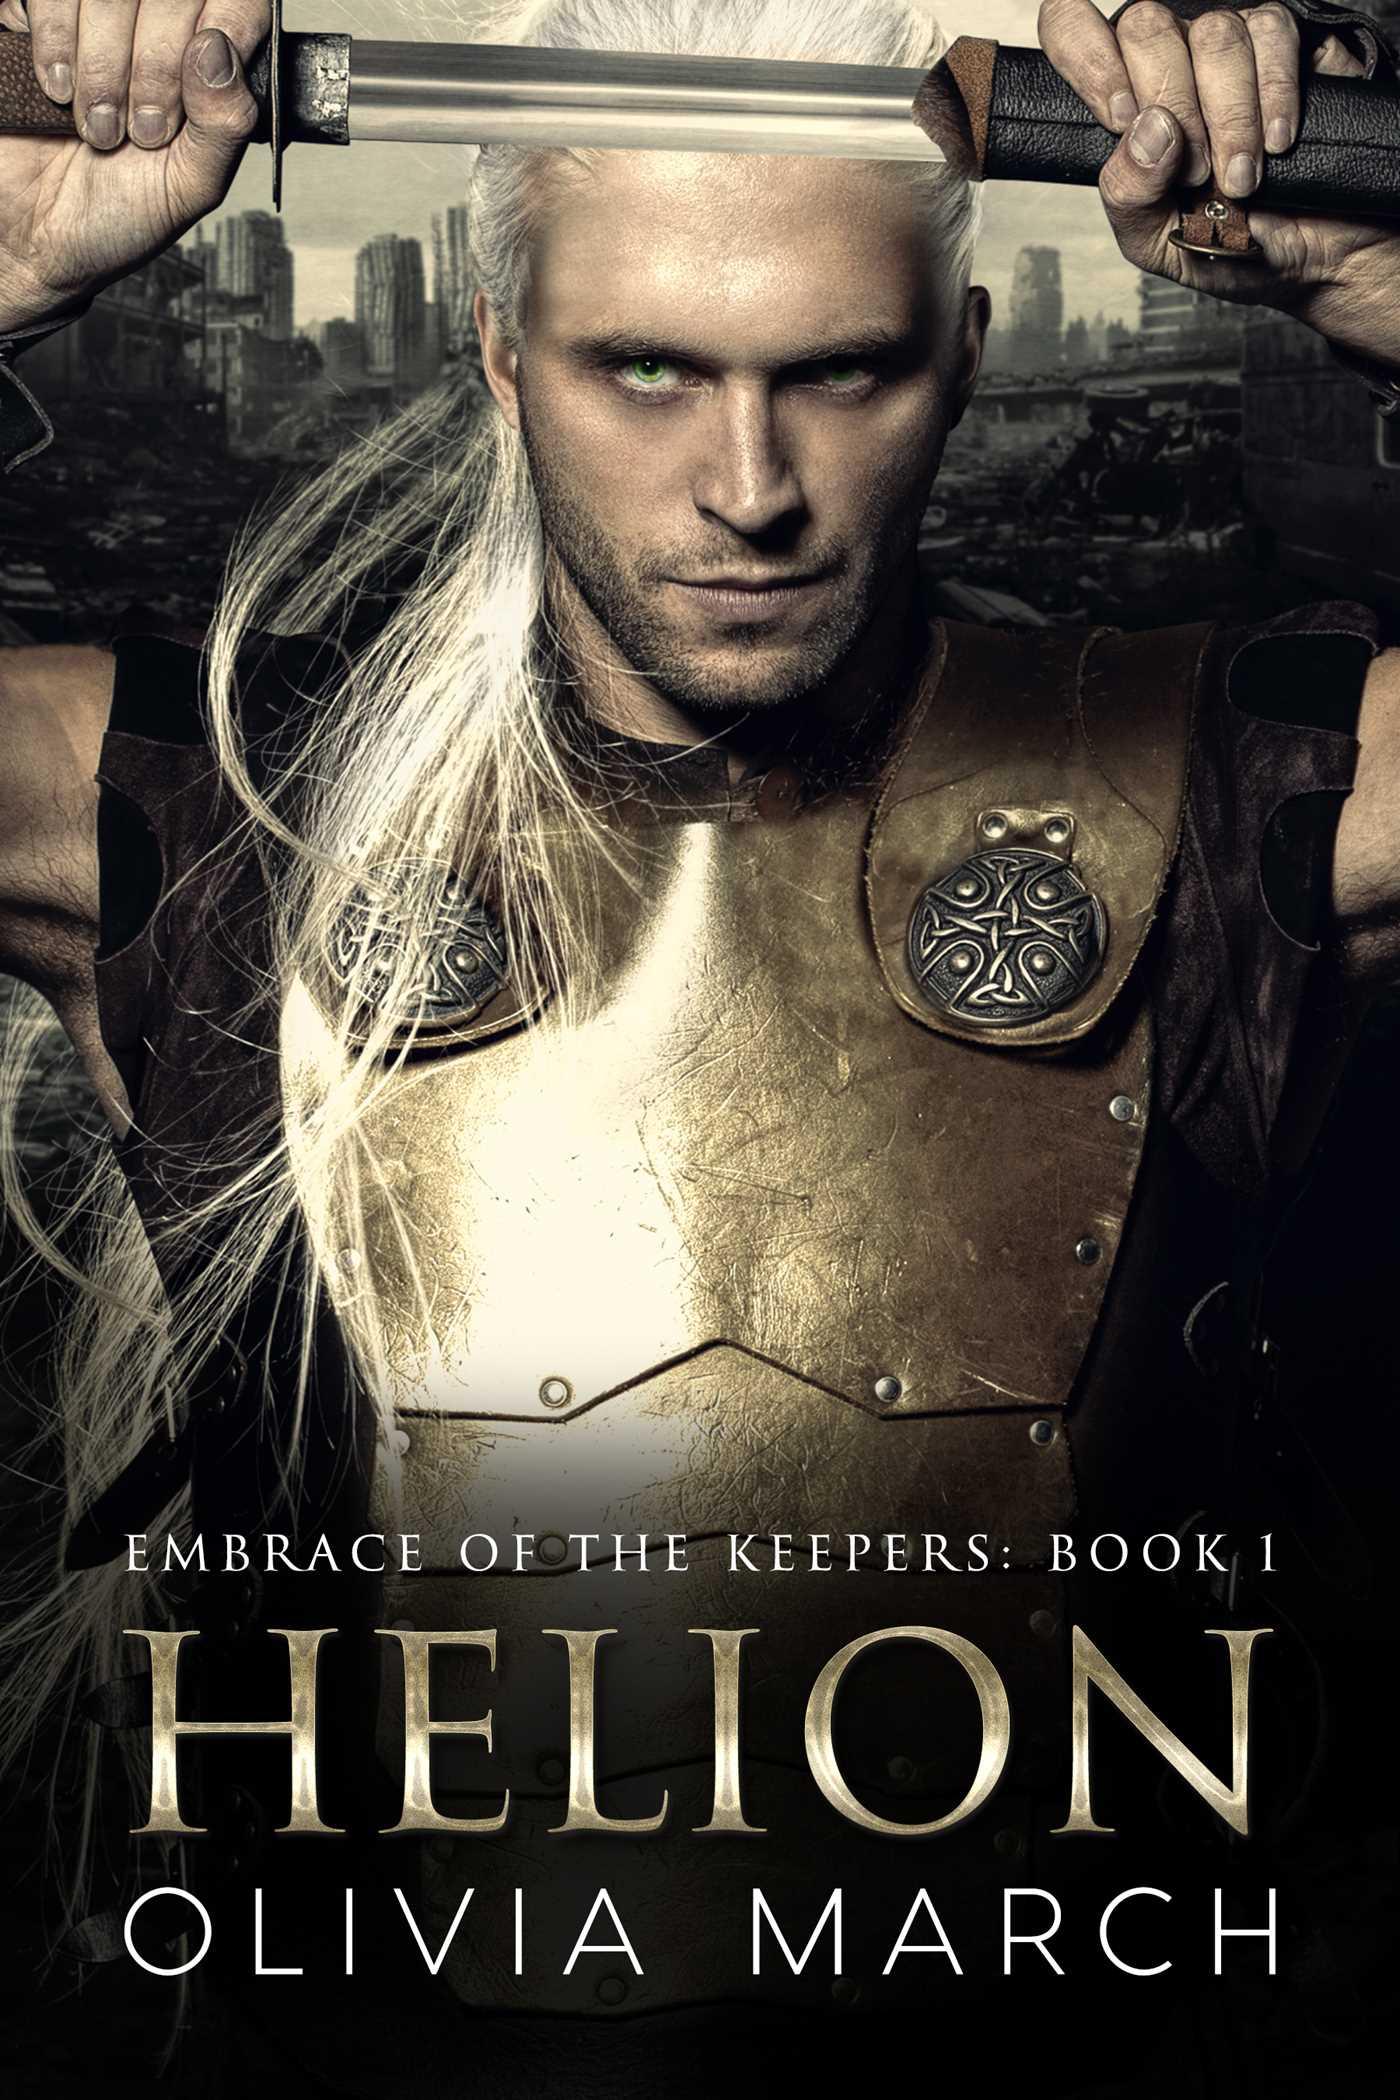 Helion 9781682992814 hr